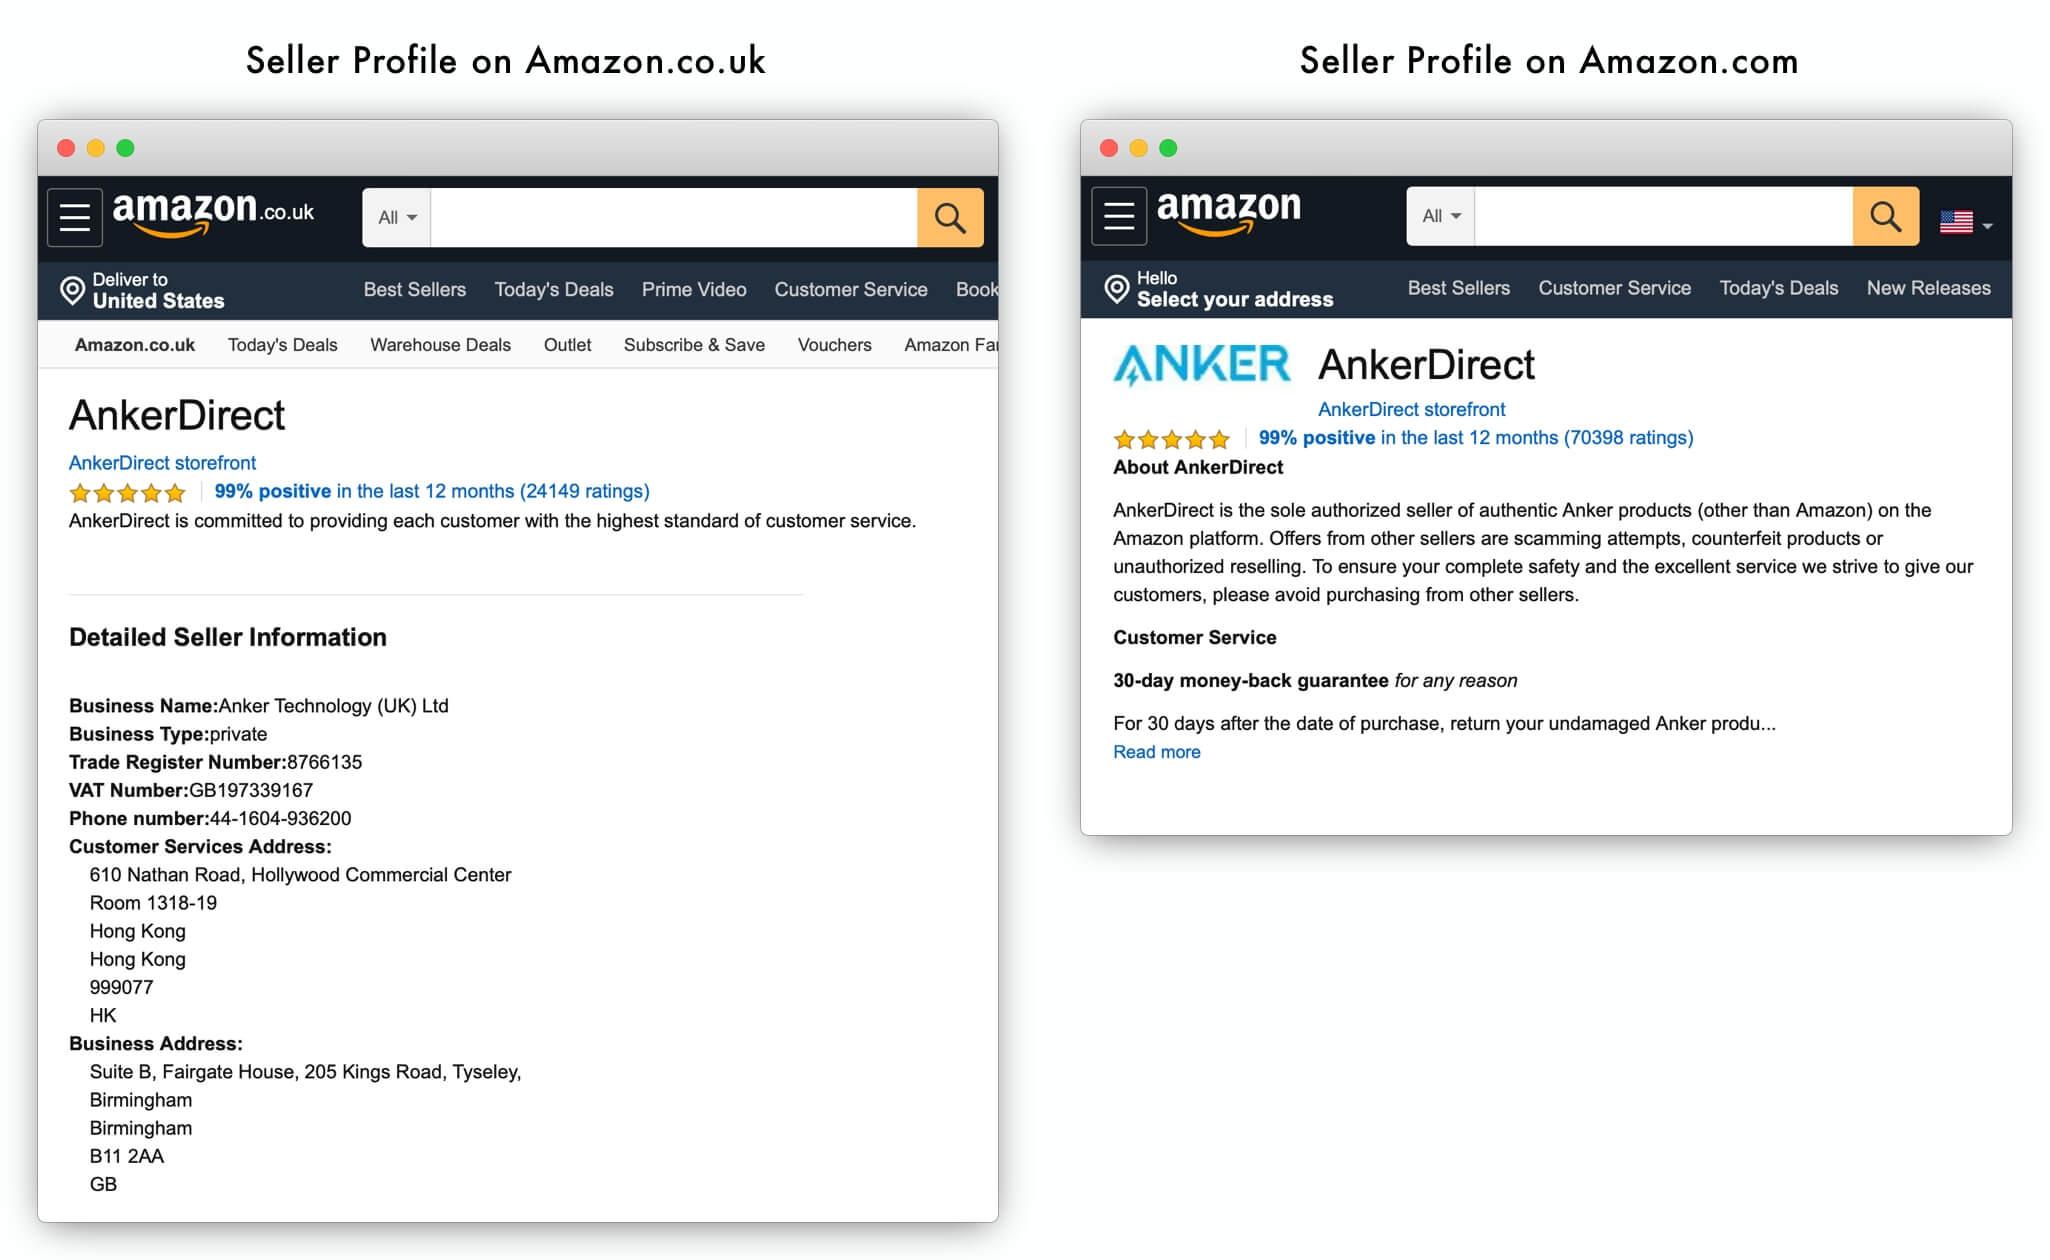 Perfil de vendedor de Amazon EE. UU. Vs Reino Unido